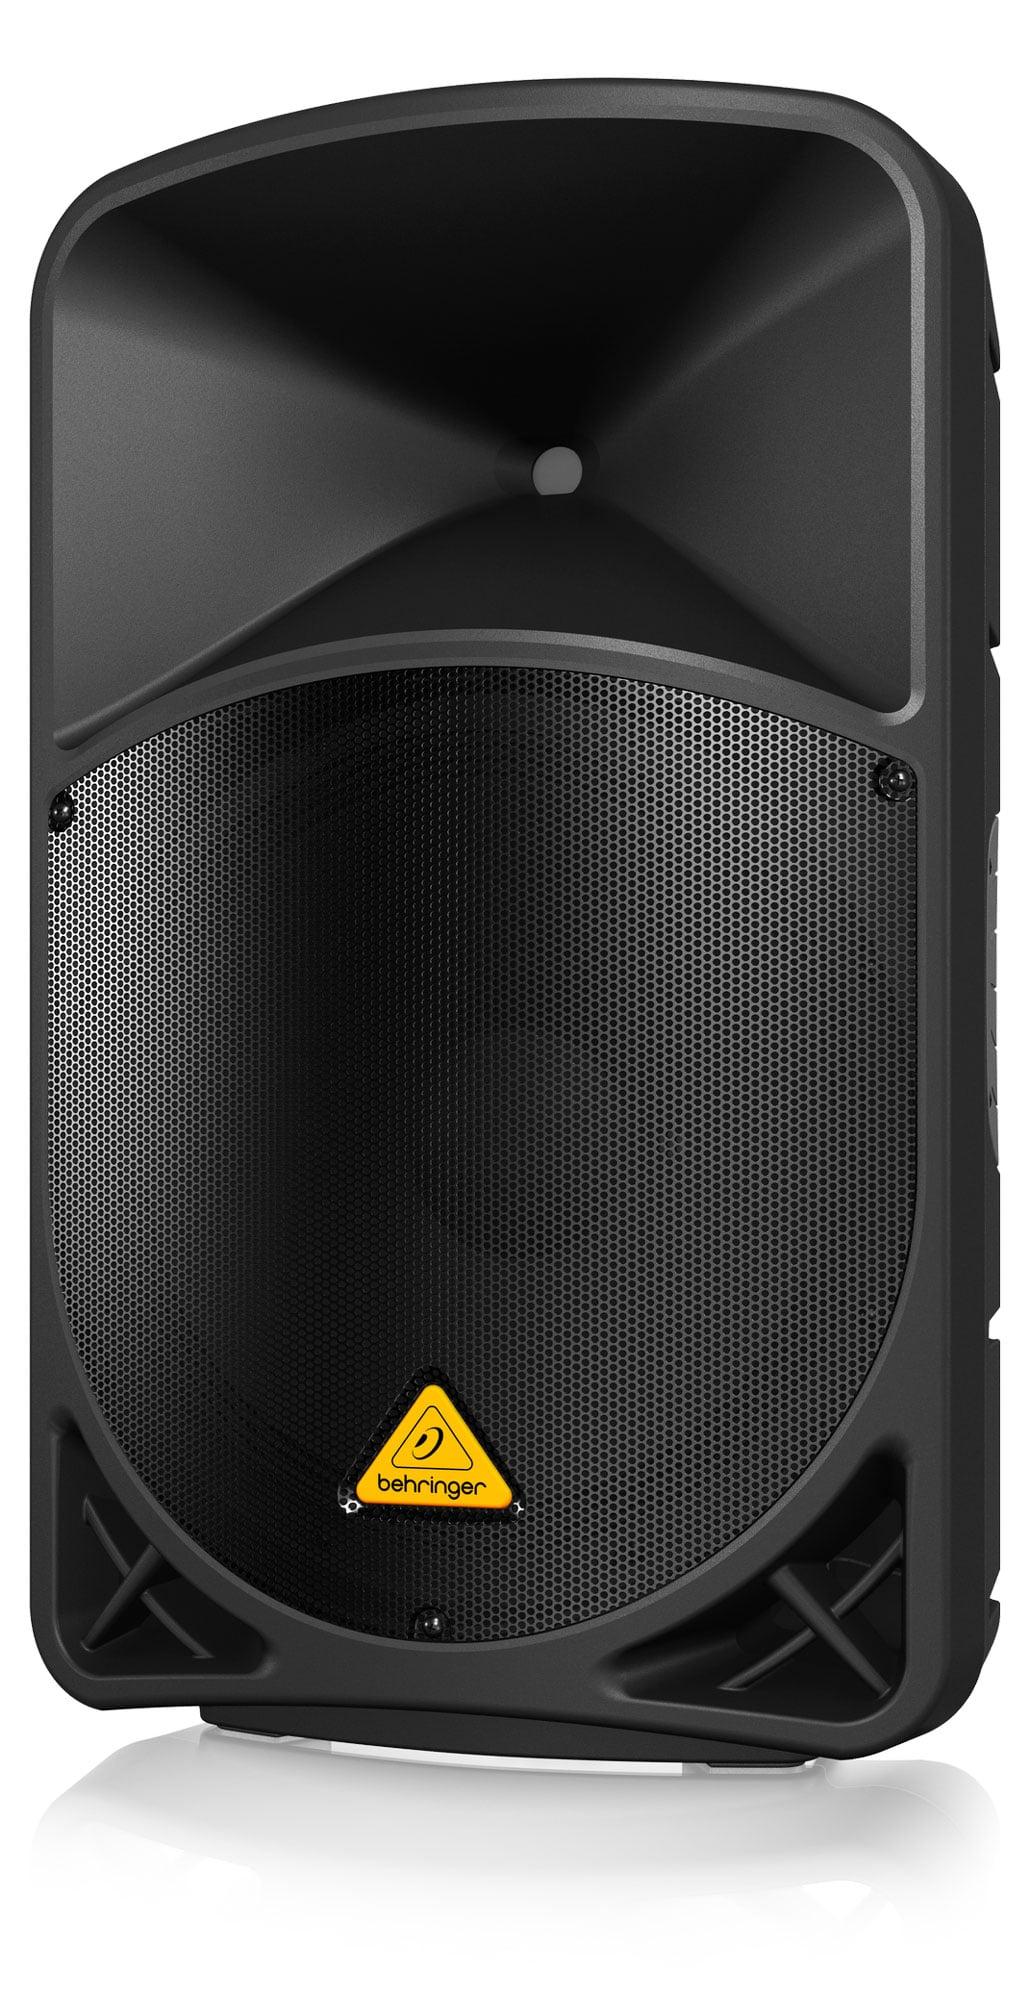 Paboxen - Behringer B115W 15' Aktiv Lautsprecher - Onlineshop Musikhaus Kirstein